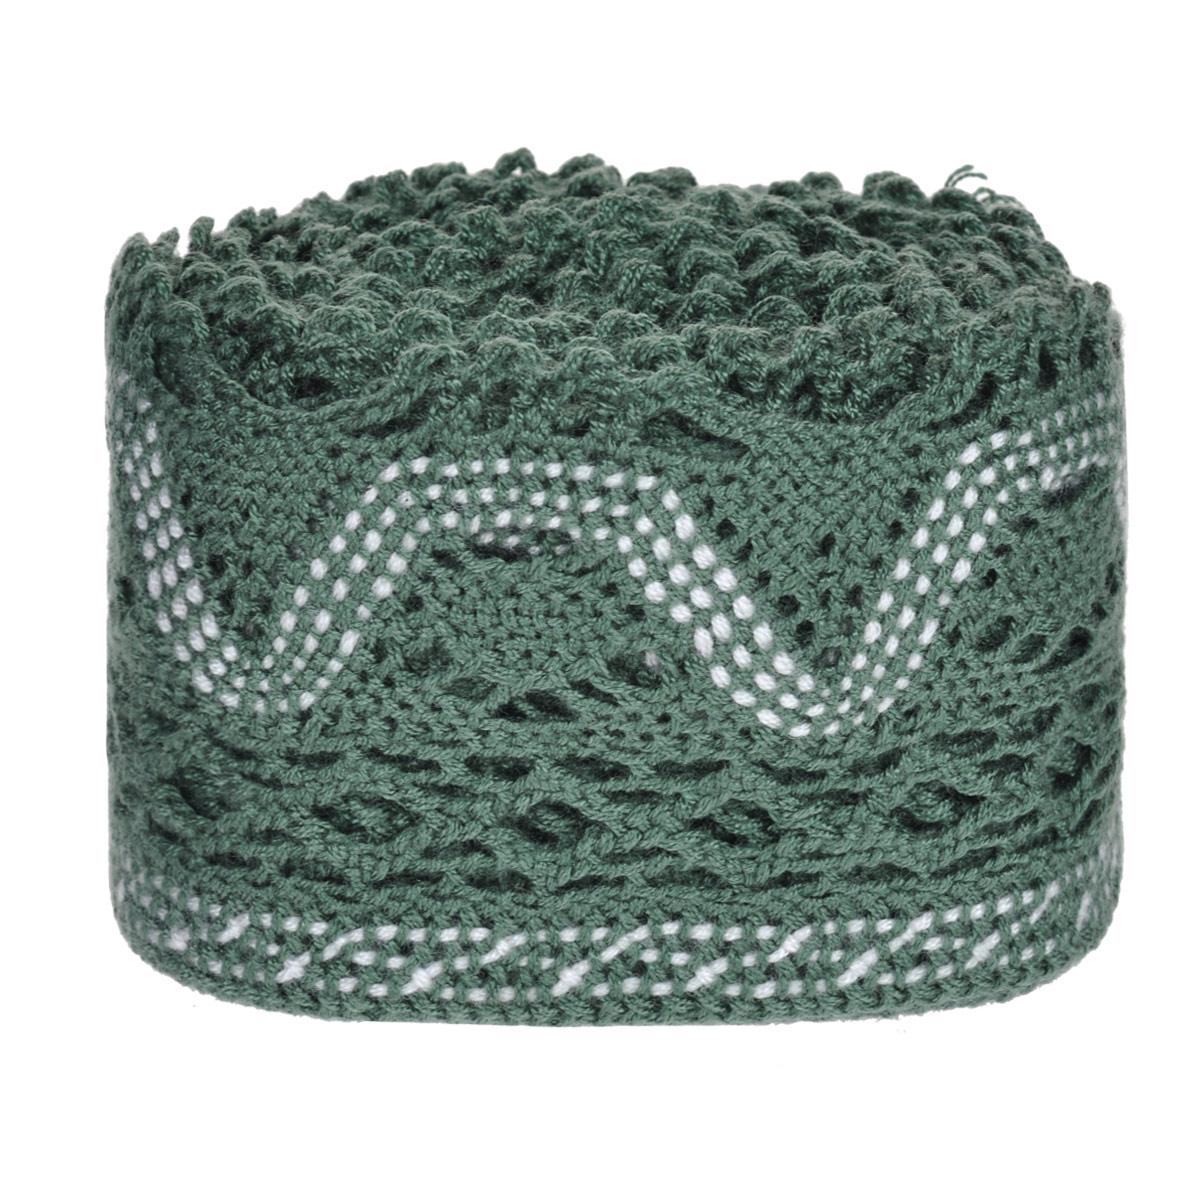 Тесьма вязаная Schaefer, ажурная, цвет: темно-зеленый, 5 м х 6,5 см. 2110441121104411Ажурная вязаная тесьма Schaefer - имитация ручного вязания крючком. Она изготовлена из высококачественного полиакрила. Благодаря классическому дизайну тесьмы вы можете использовать ее и в одежде и текстильных изделиях для дома.